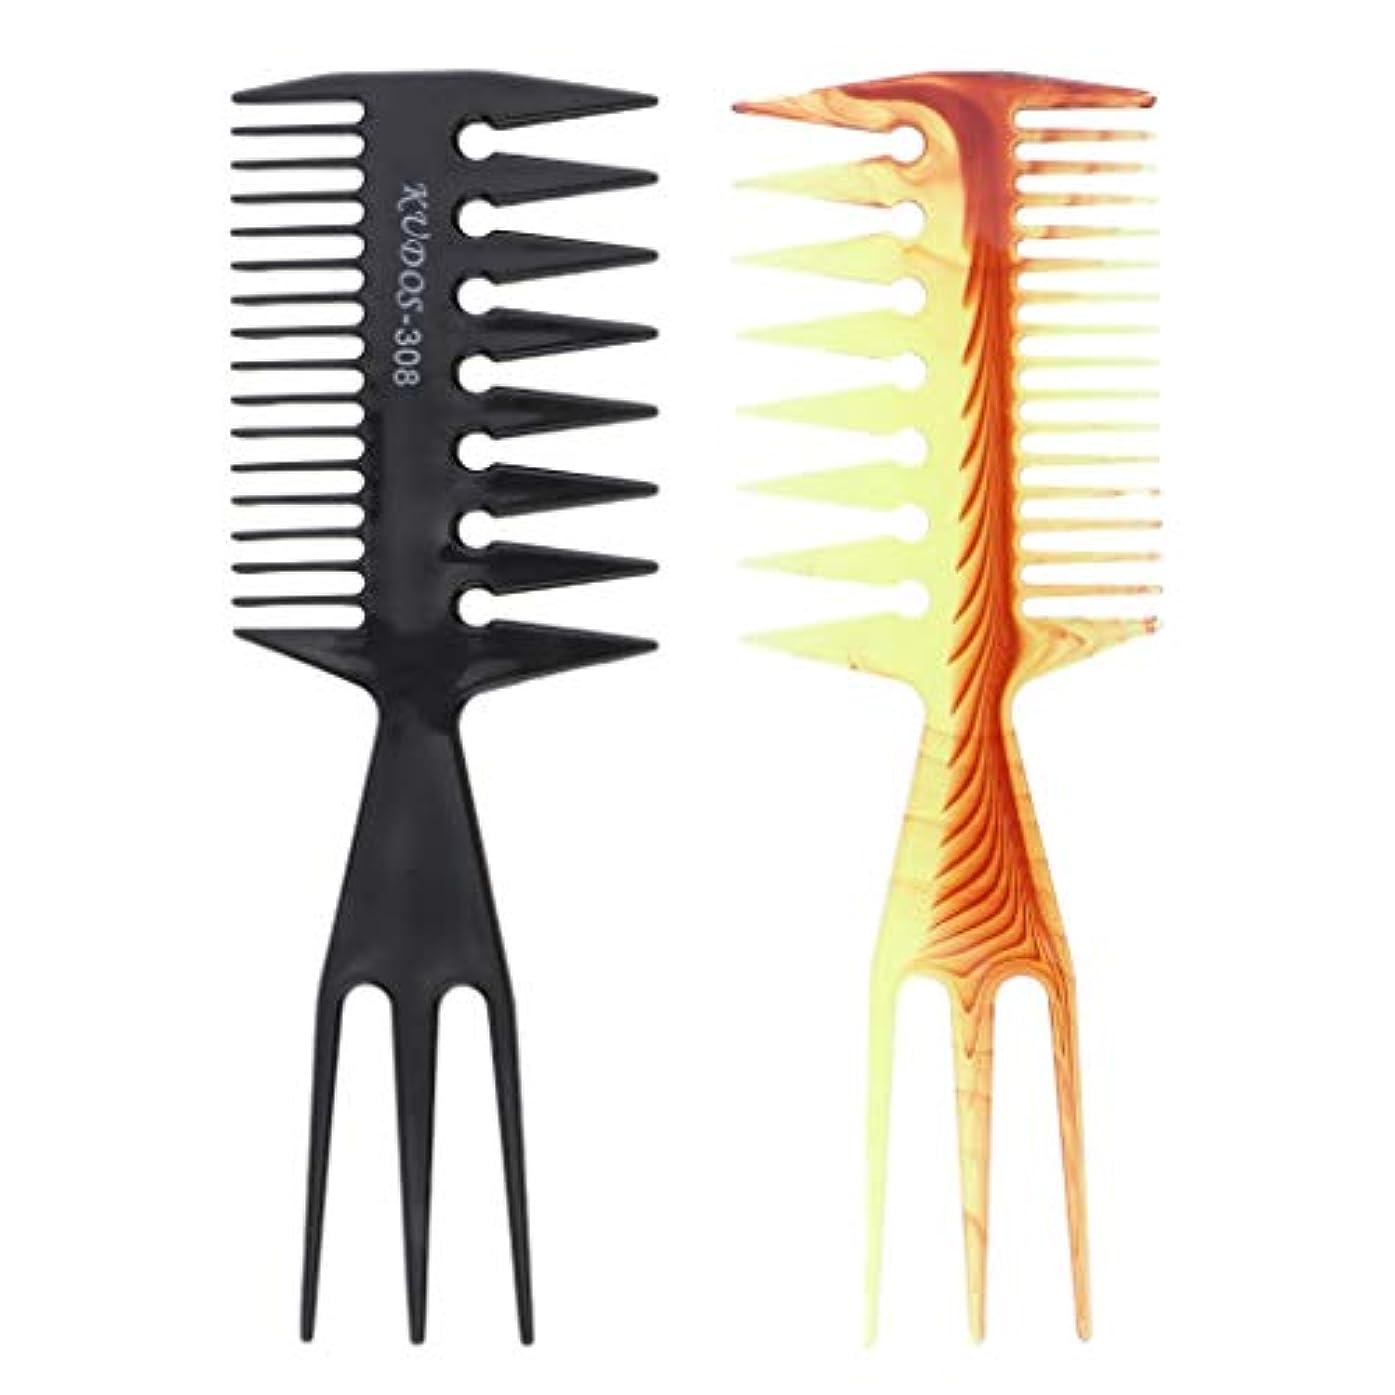 談話グローバルベットSM SunniMix へアカラーセット ヘアダイブラシ DIY髪染め用 サロン 美髪師用 ヘアカラーの用具 2個セット